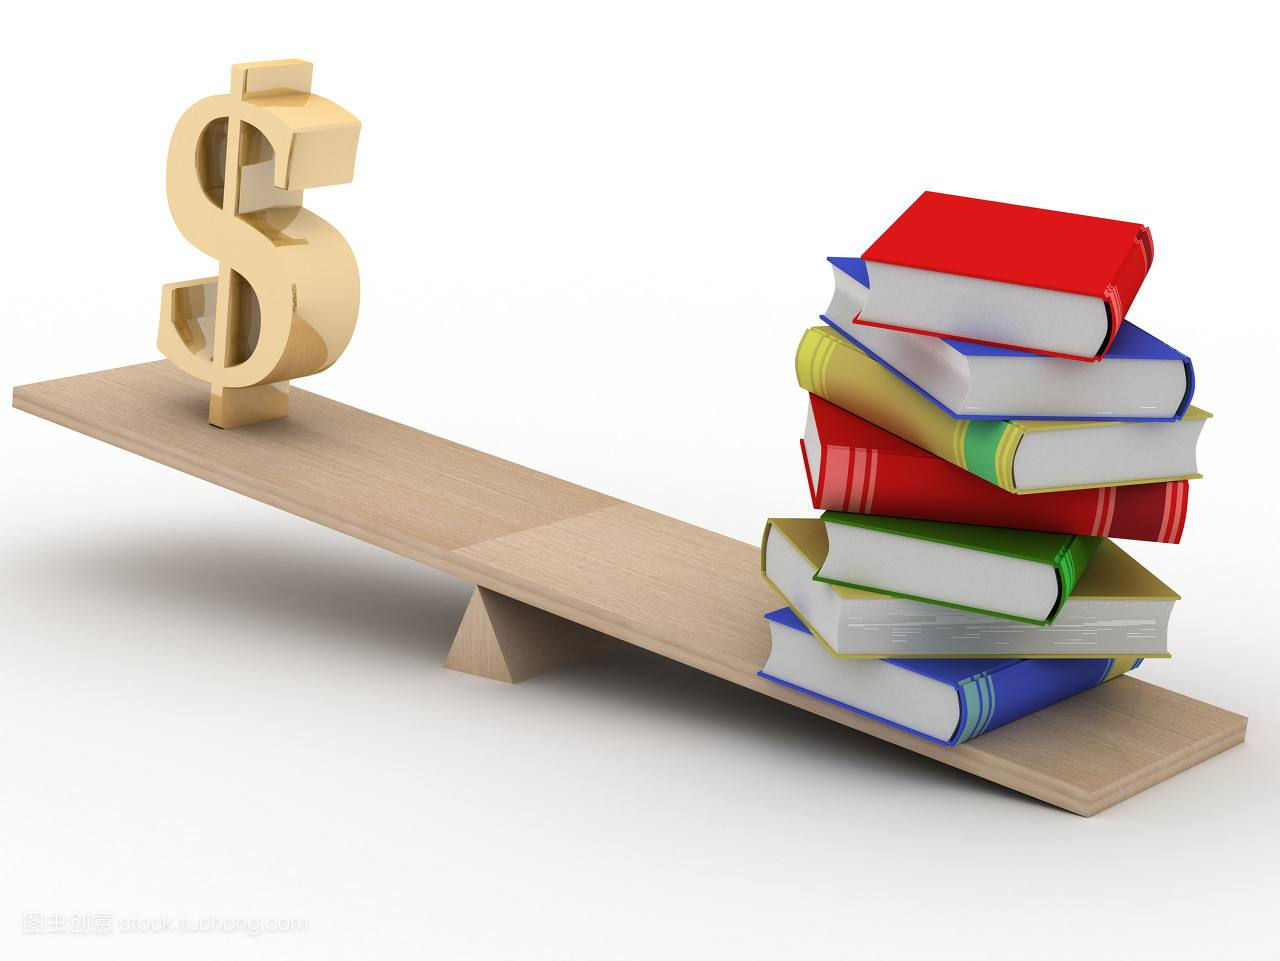 企业会计制度中有关负债和流动负债的会计制度规定